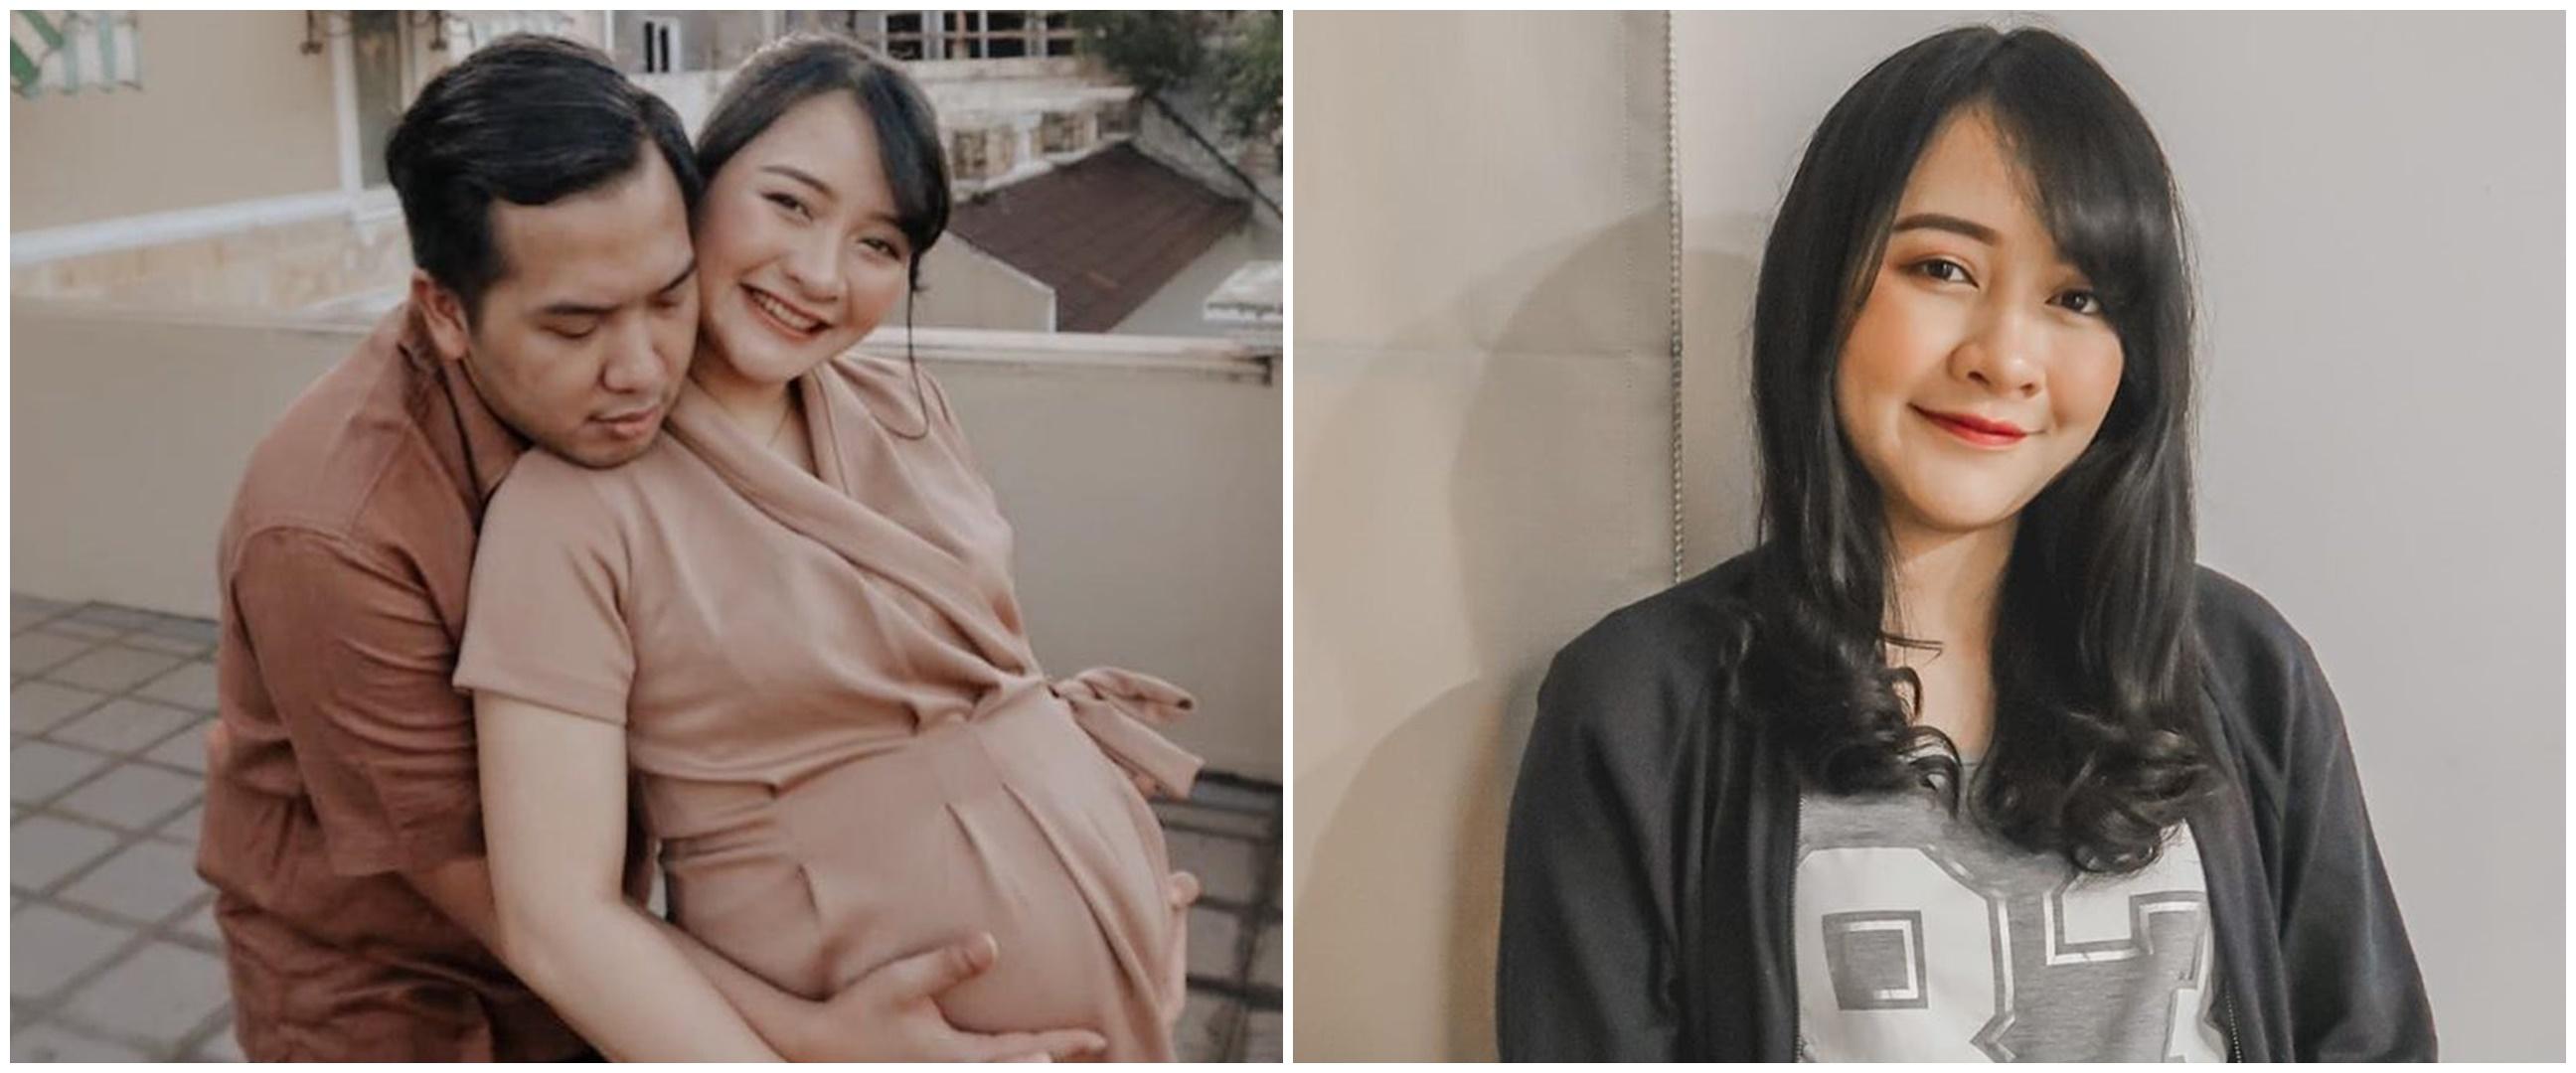 Kinal eks JKT48 melahirkan, paras sang bayi bikin gemas